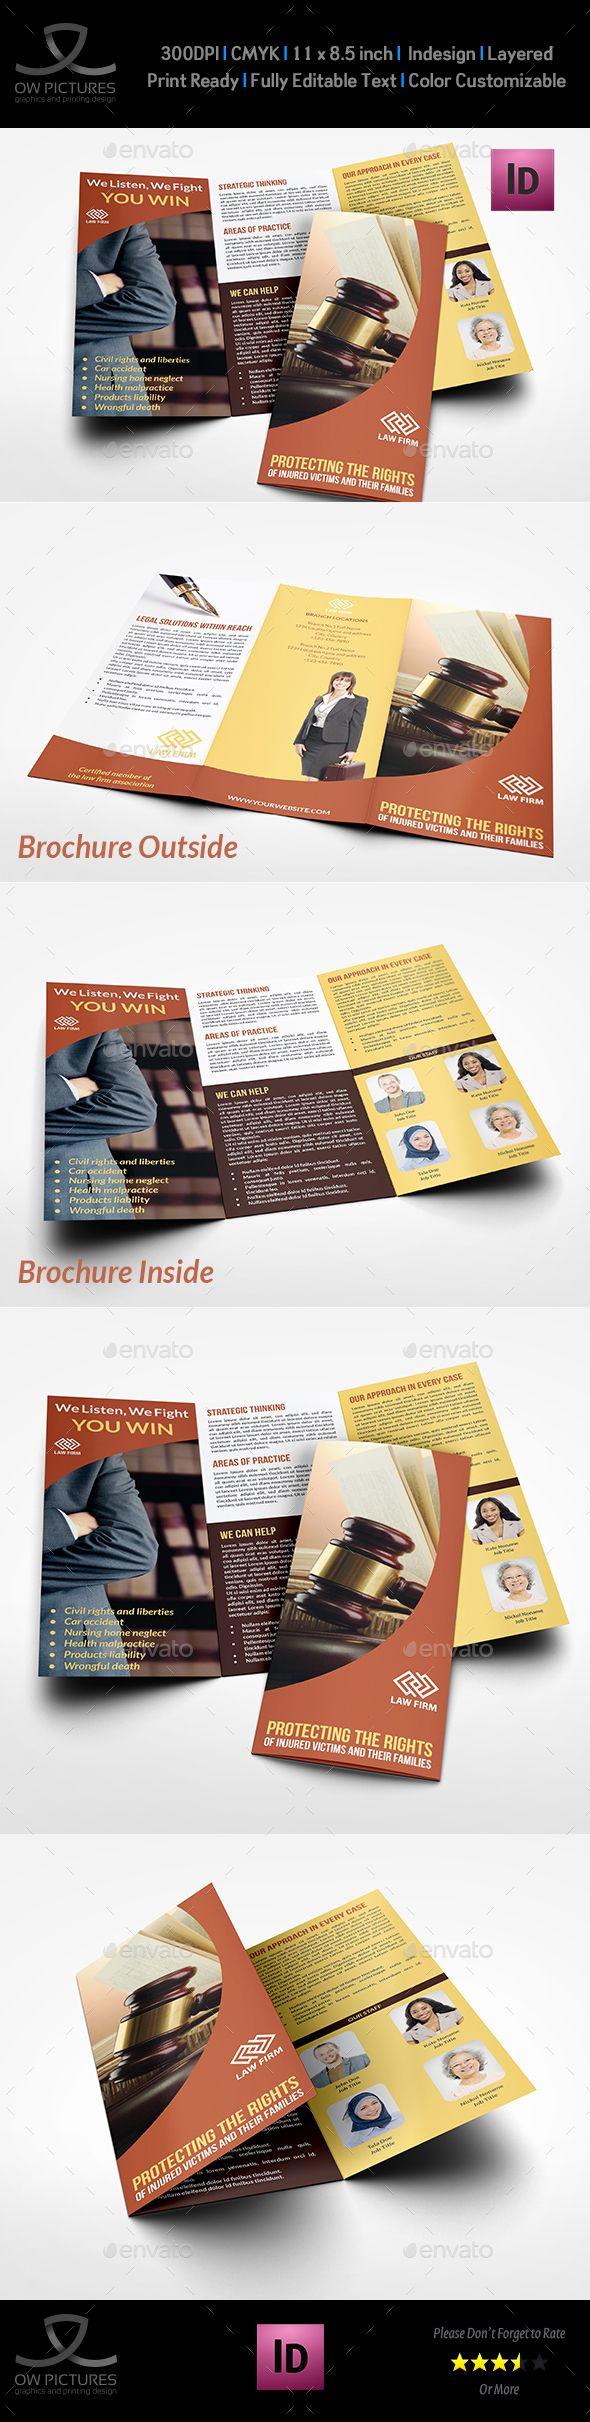 22 best cardz images on Pinterest | Business cards, Carte de visite ...